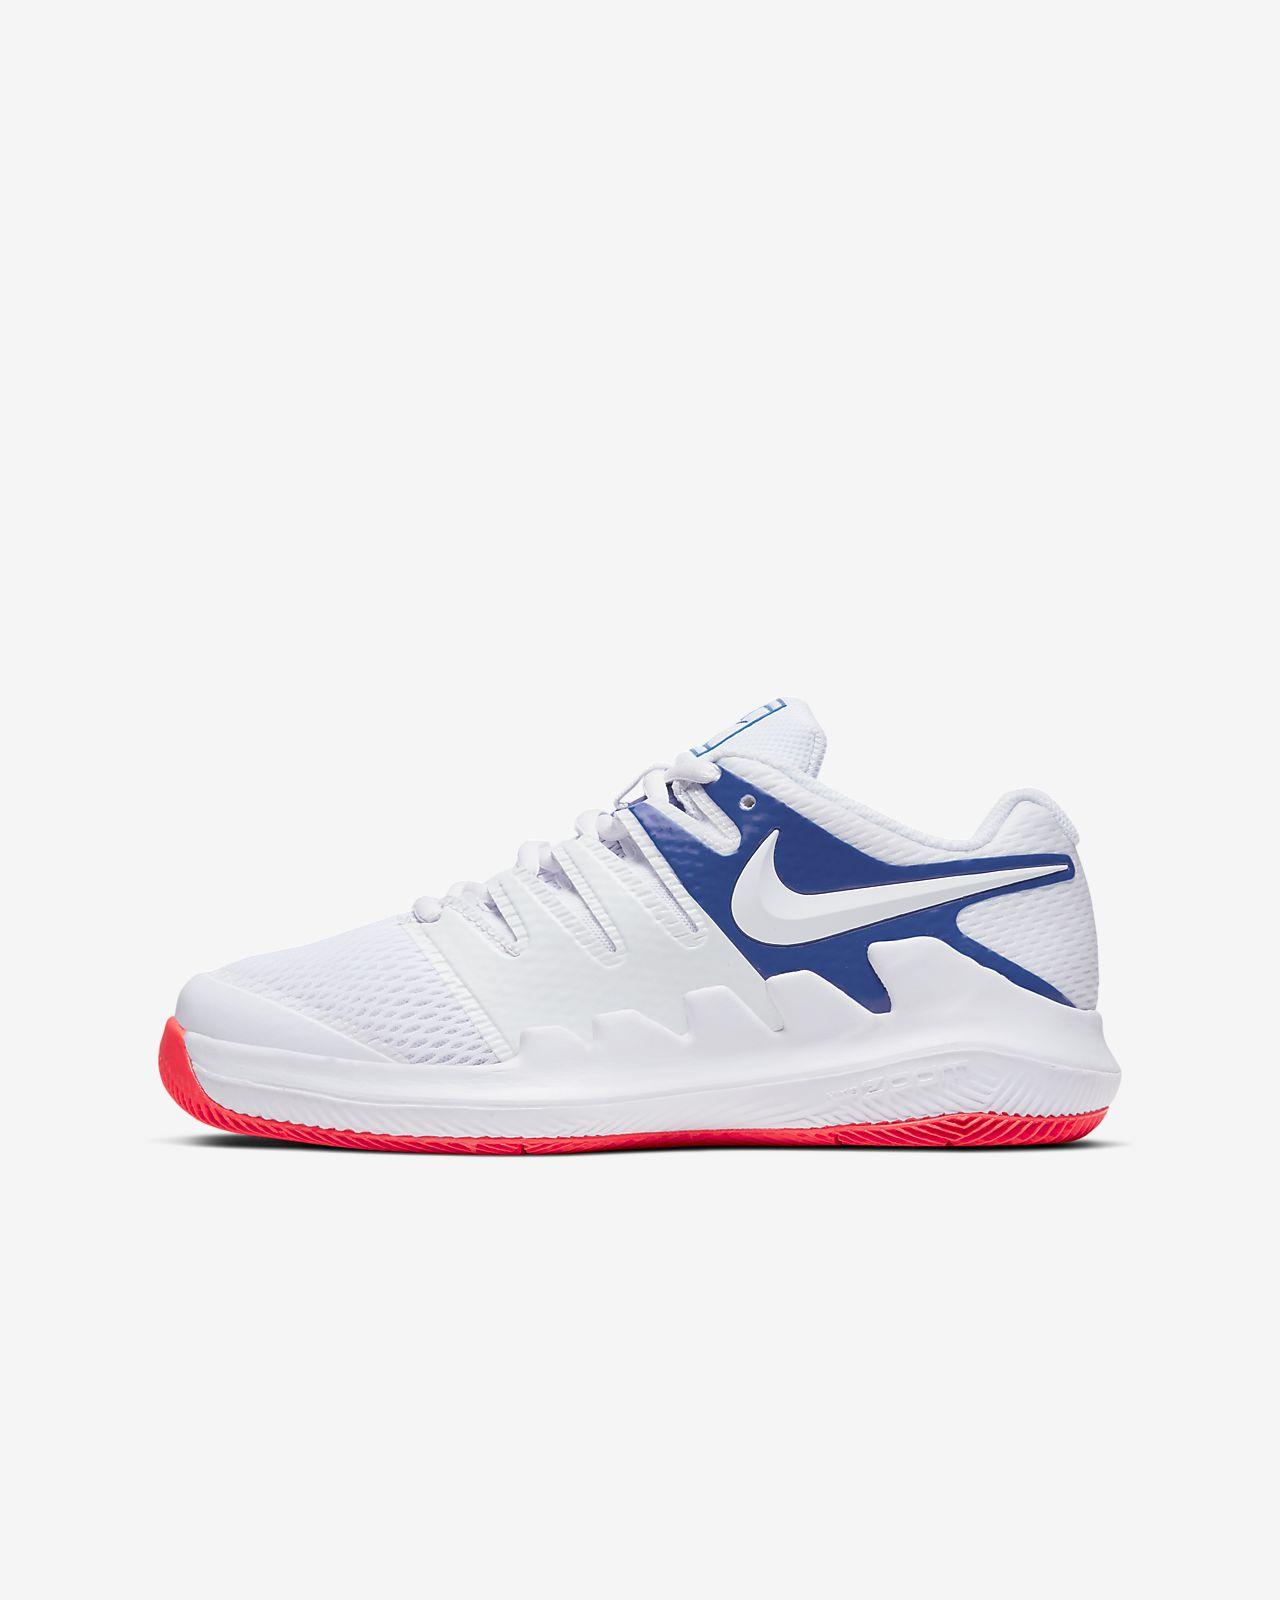 NikeCourt Jr. Vapor X Tennisschoen voor kleuters/kids